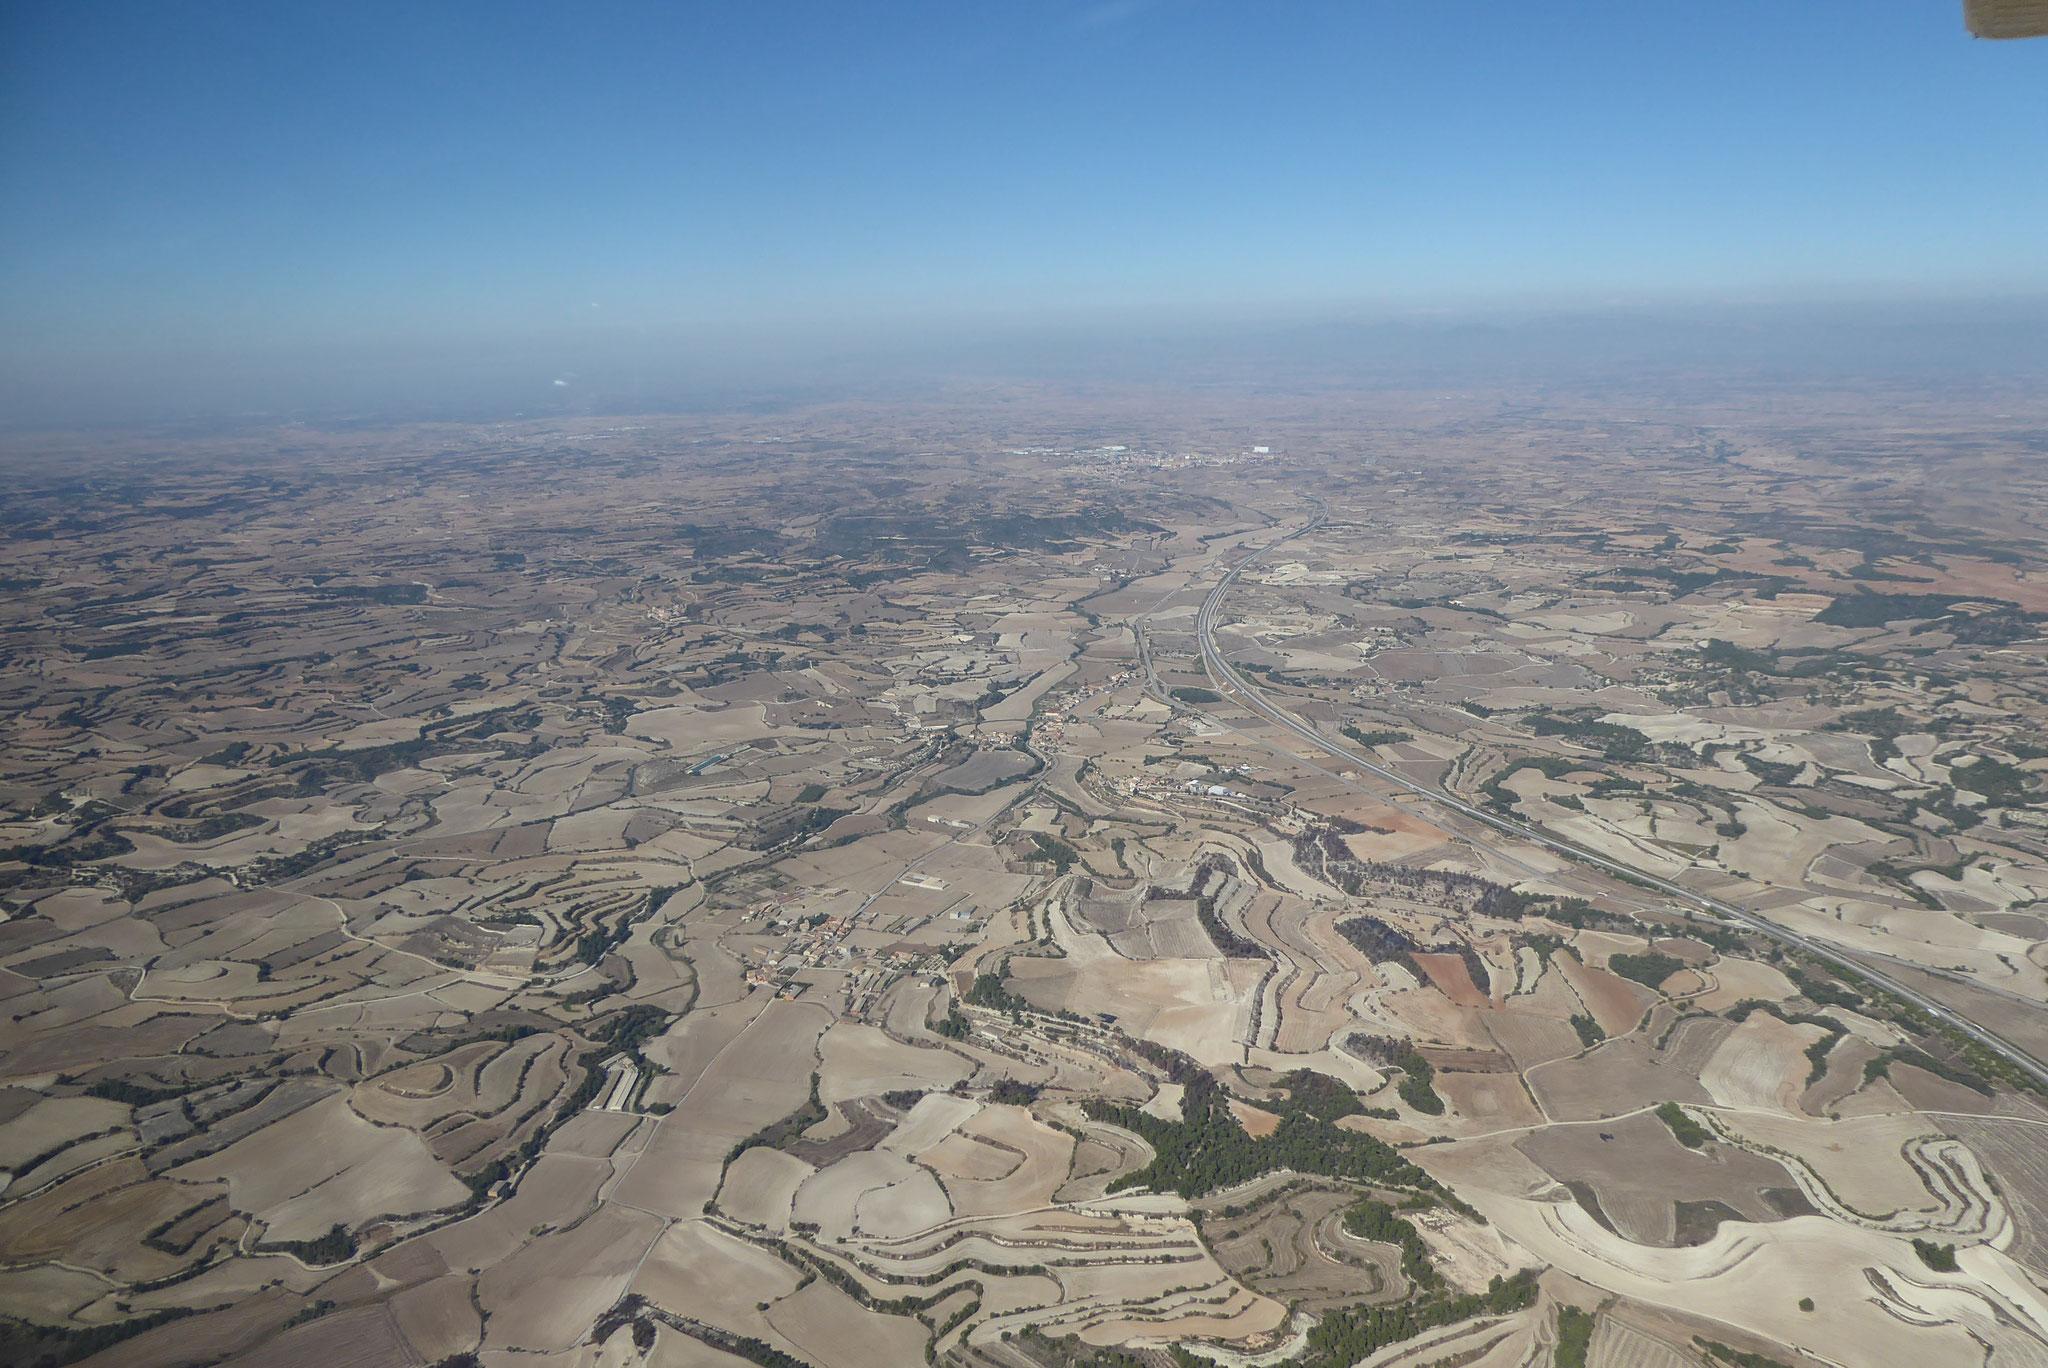 Trocknene Landschaften in Spanien